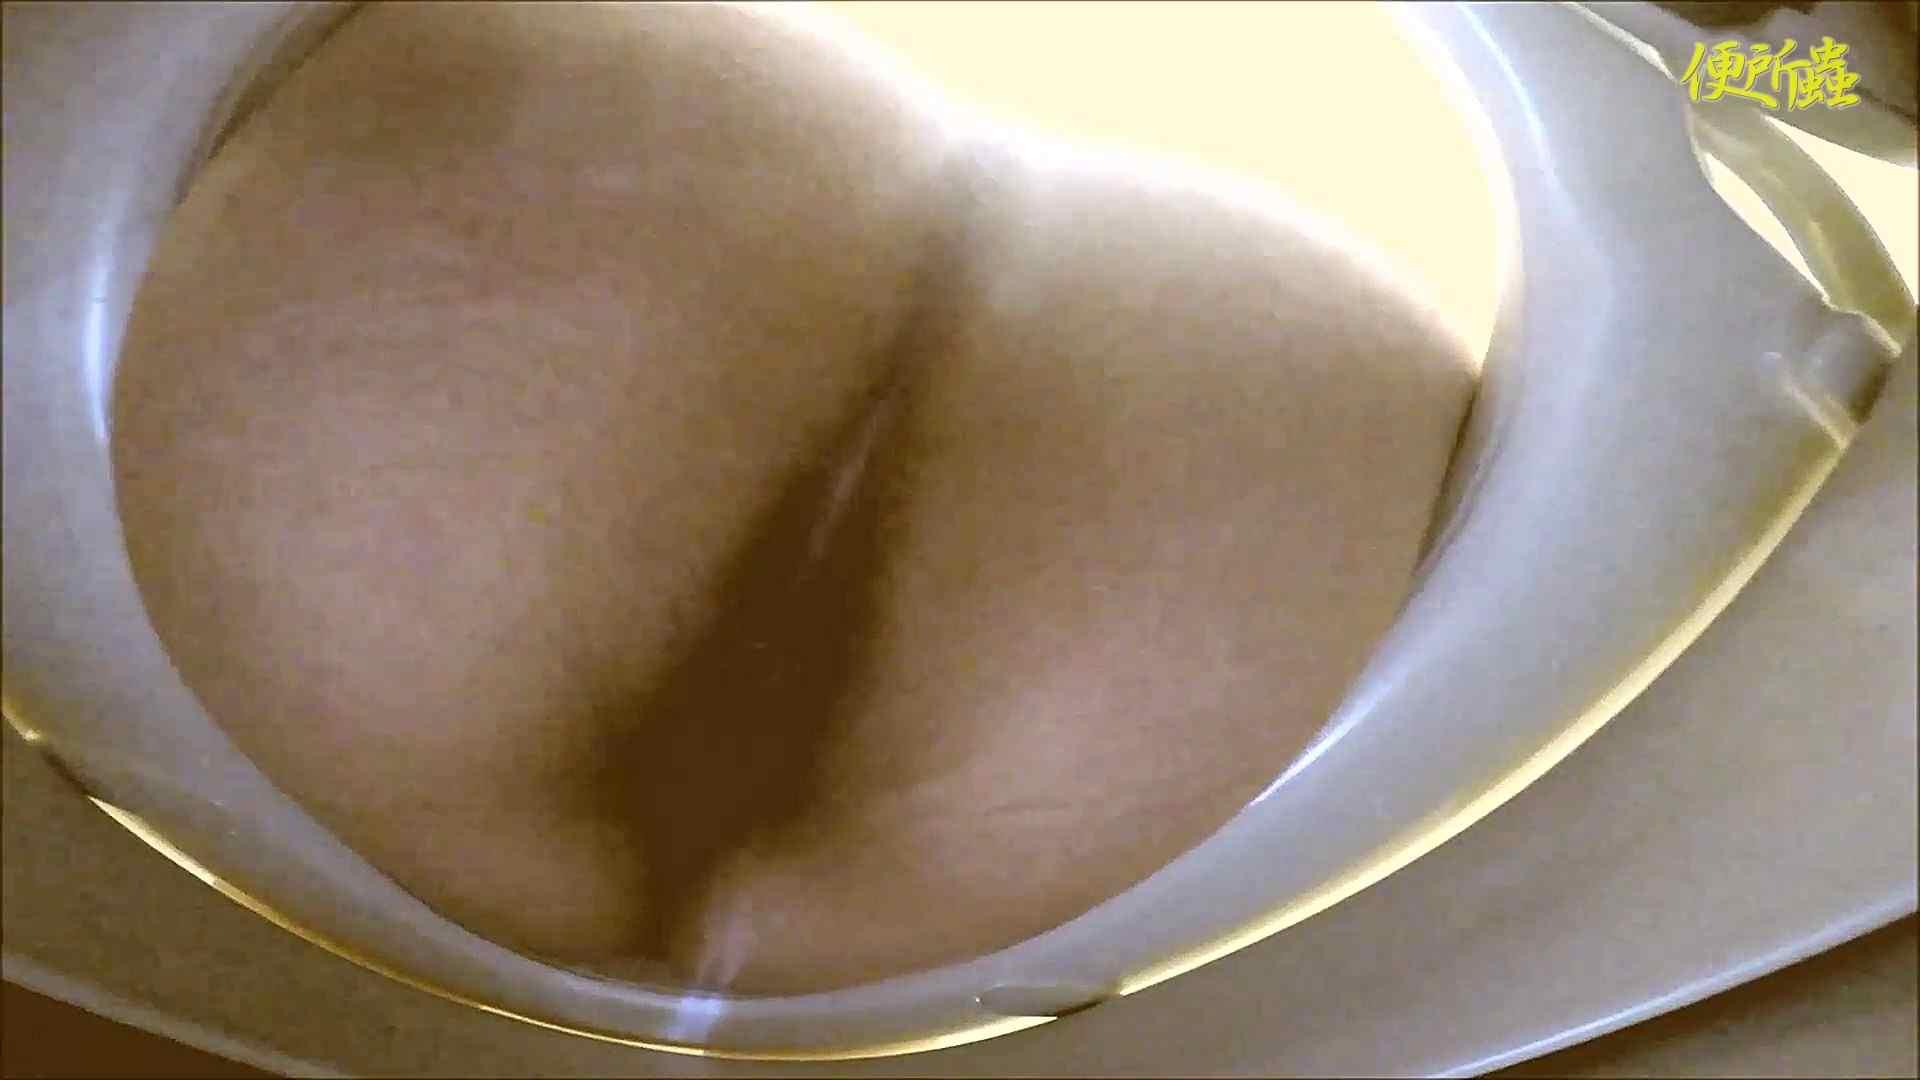 vol.12 便所蟲さんのリターン~寺子屋洗面所盗撮~ 盗撮 盗撮動画紹介 99pic 7